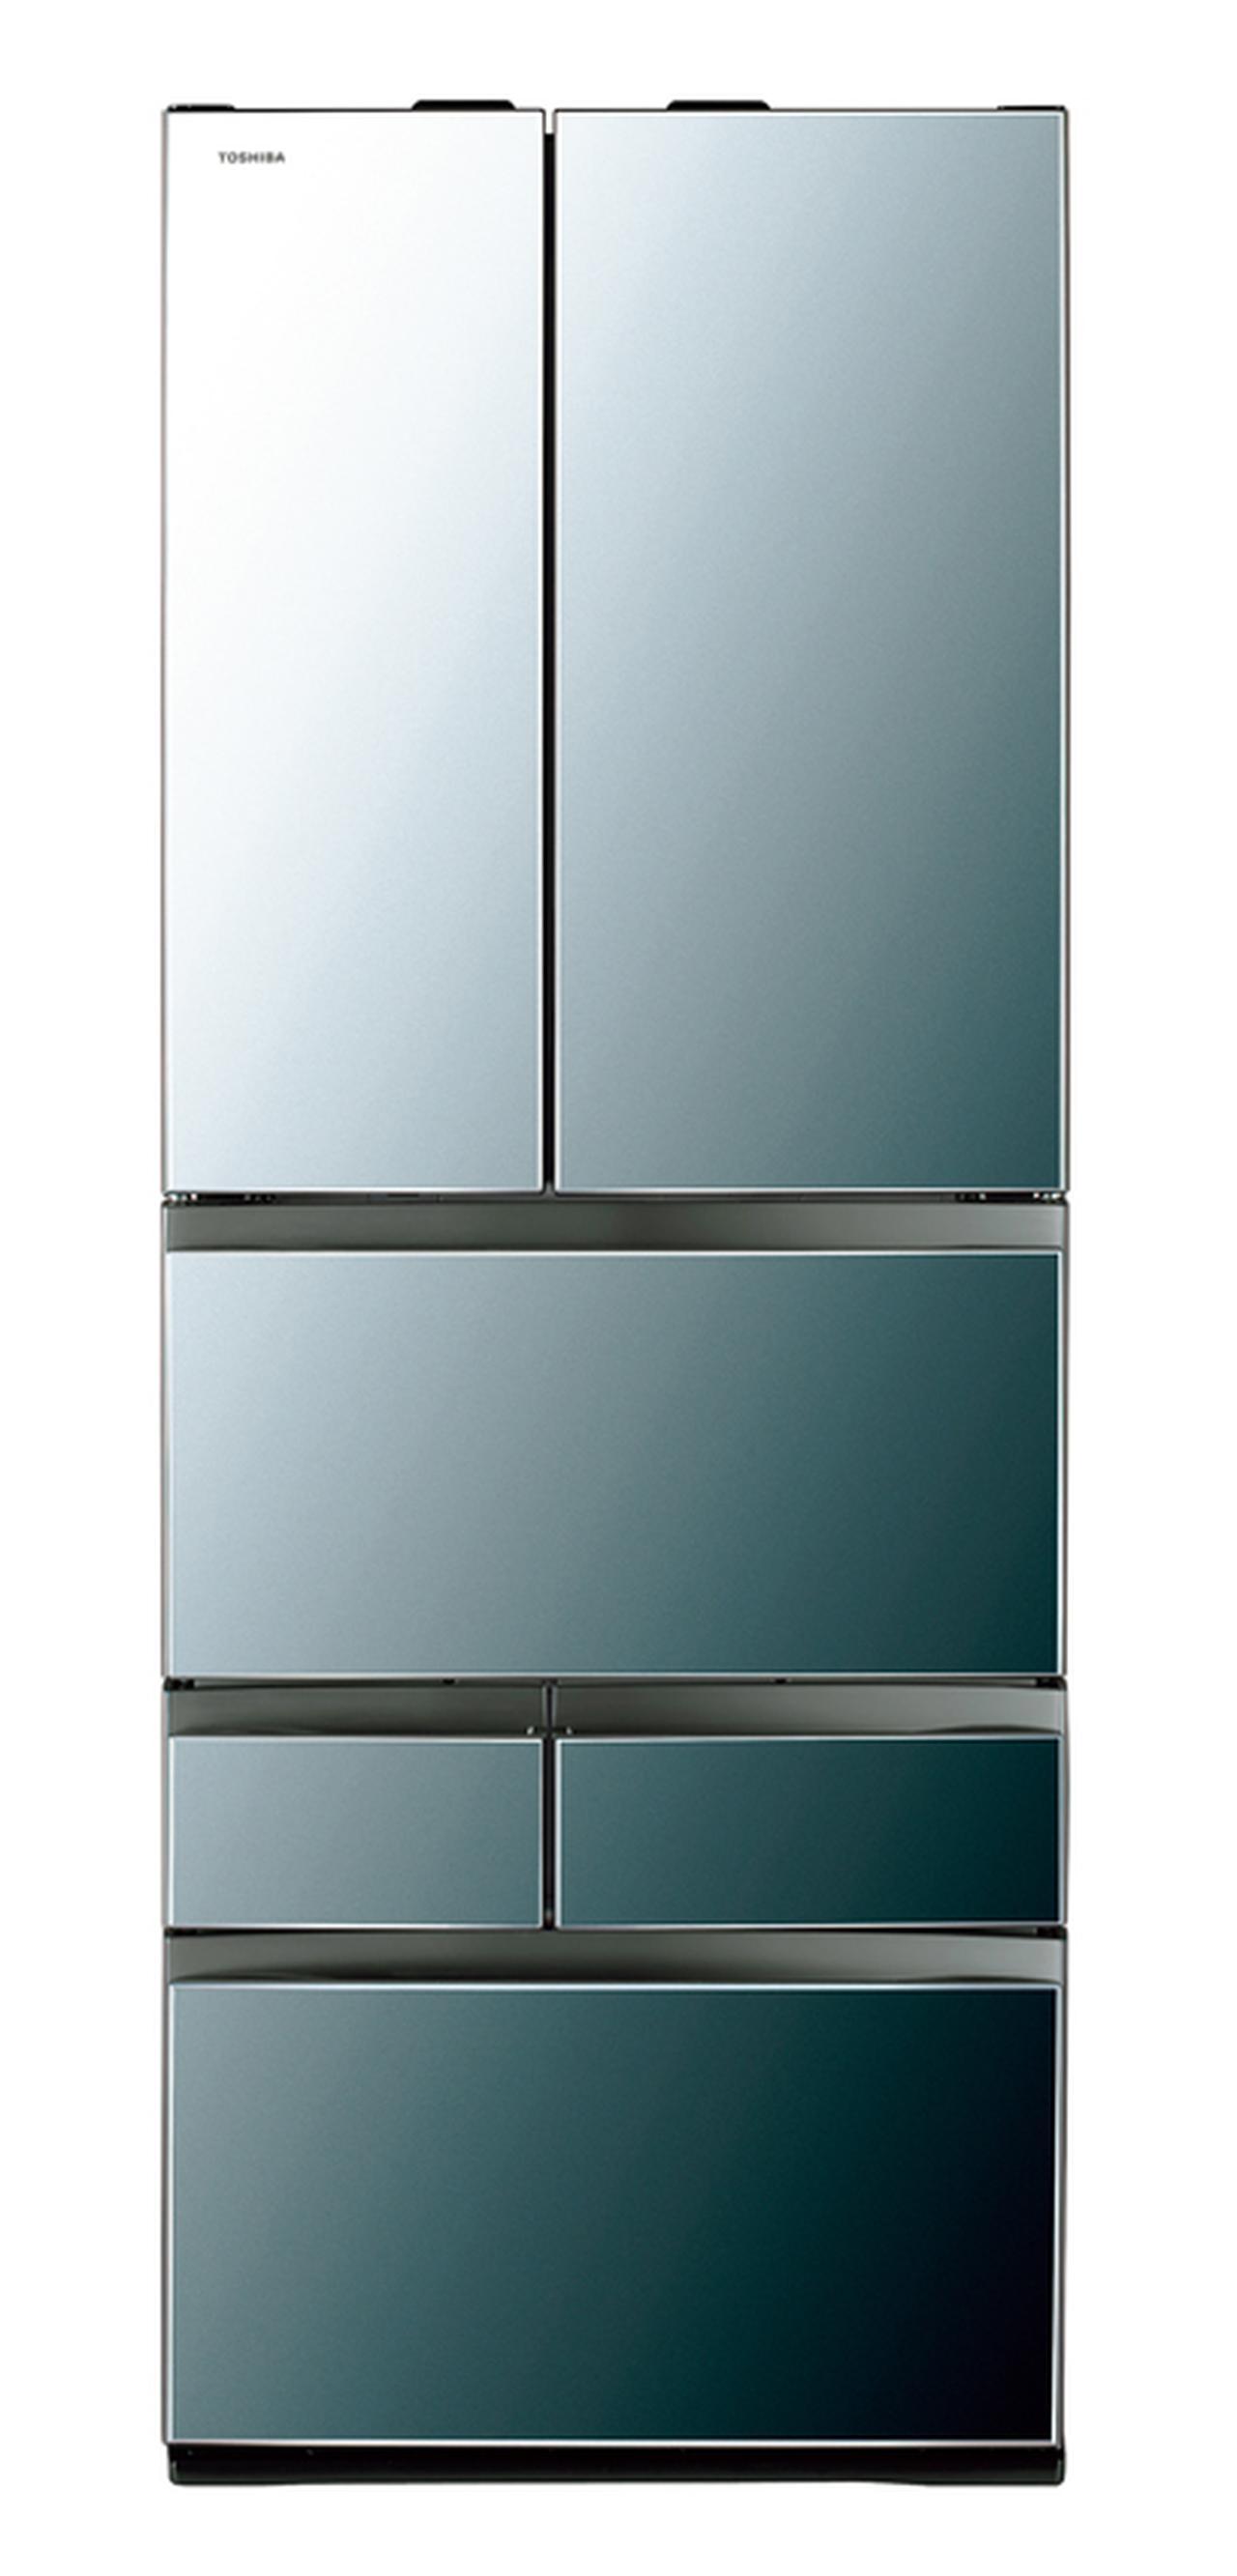 画像1: 東芝の最新冷蔵庫は無線LAN搭載! 外出先からスマホでコントール可能